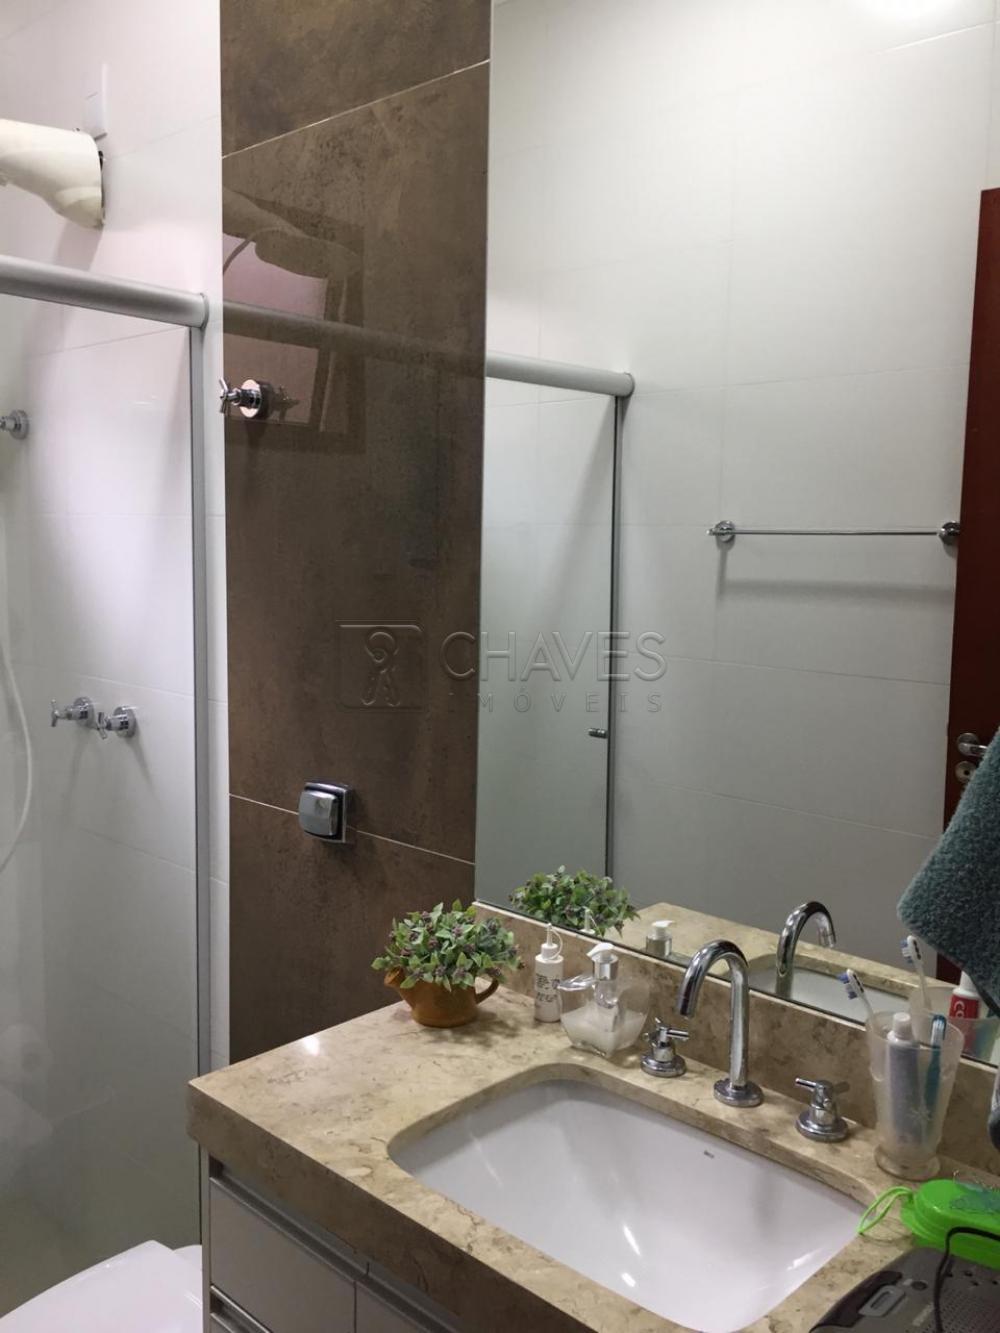 Comprar Casa / Condomínio em Bonfim Paulista apenas R$ 900.000,00 - Foto 17